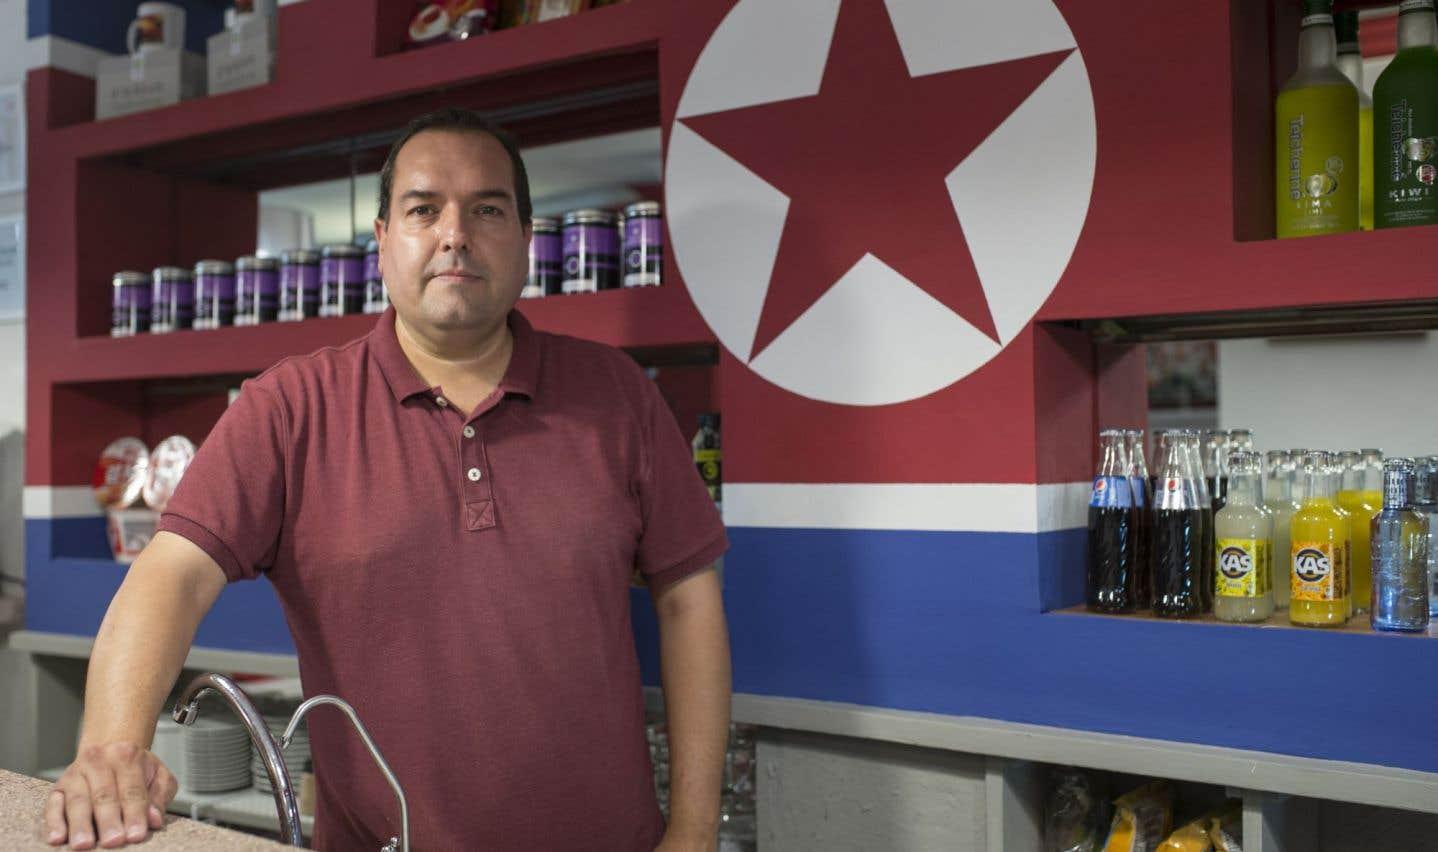 Alejandro Cao de Benos derrière le comptoir de l'établissement, où est peint un immense drapeau nord-coréen